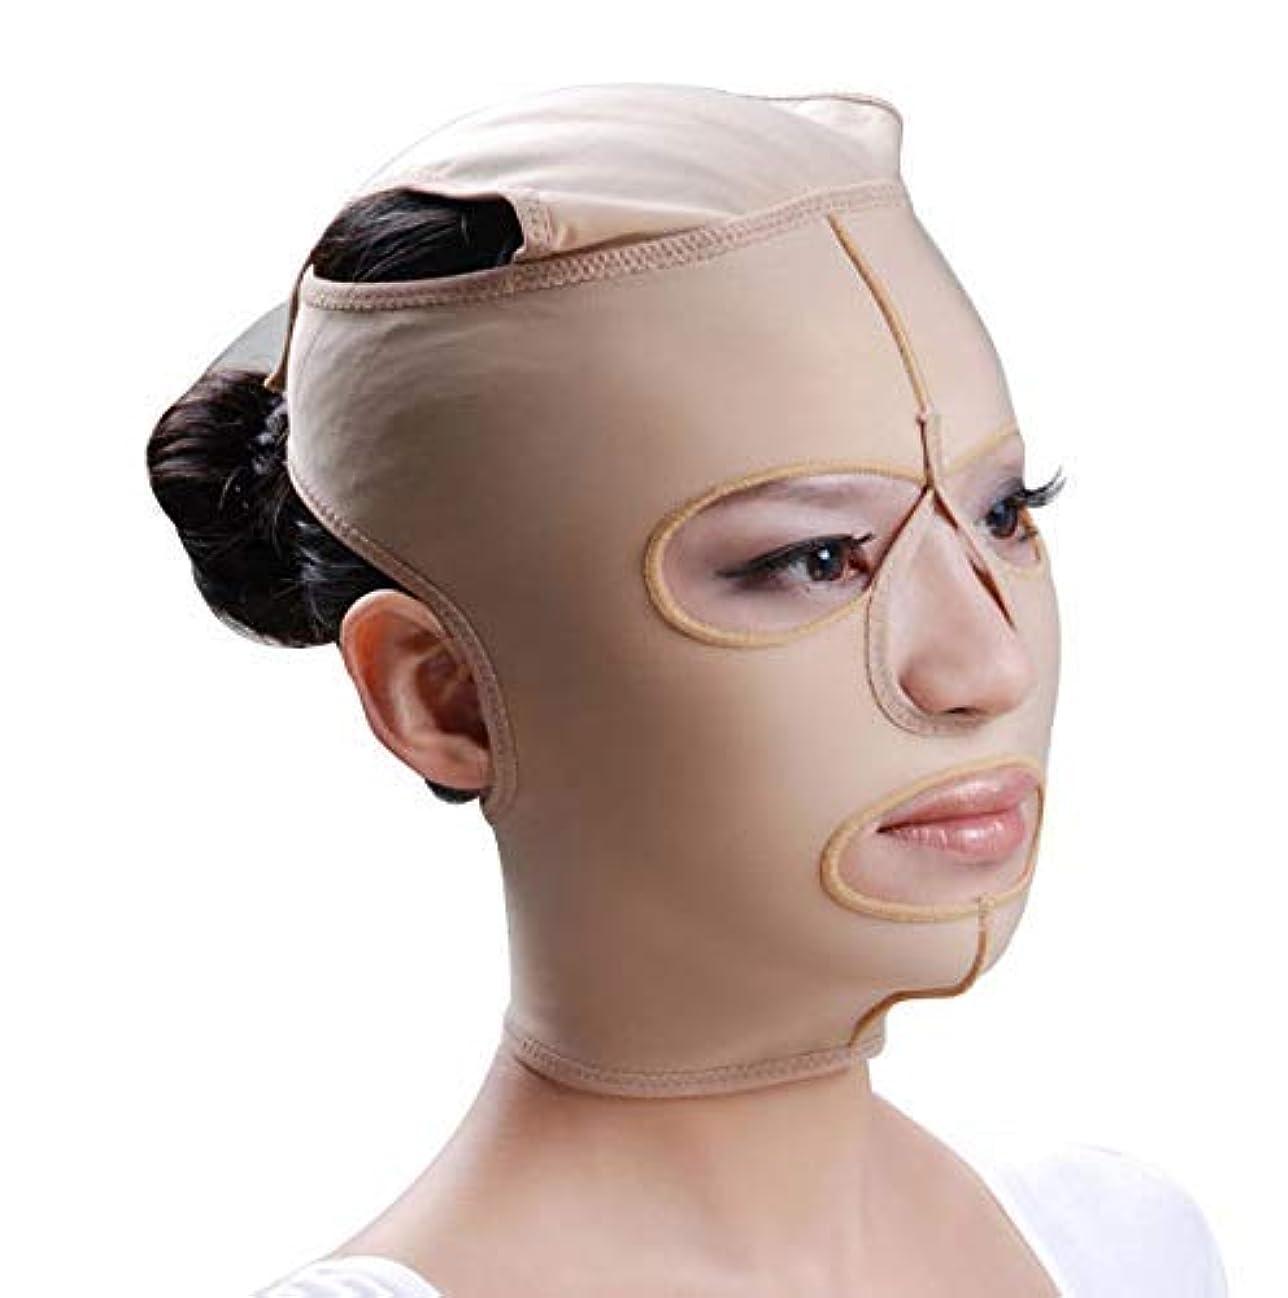 おじいちゃんパッド廃止するファーミングフェイスマスク、フェイシャルマスクエラスティックフェイスリフティングリフティングファーミングパターンマイクロフィニッシングポストモデリングコンプレッションフェイスマスク(サイズ:S),Xl